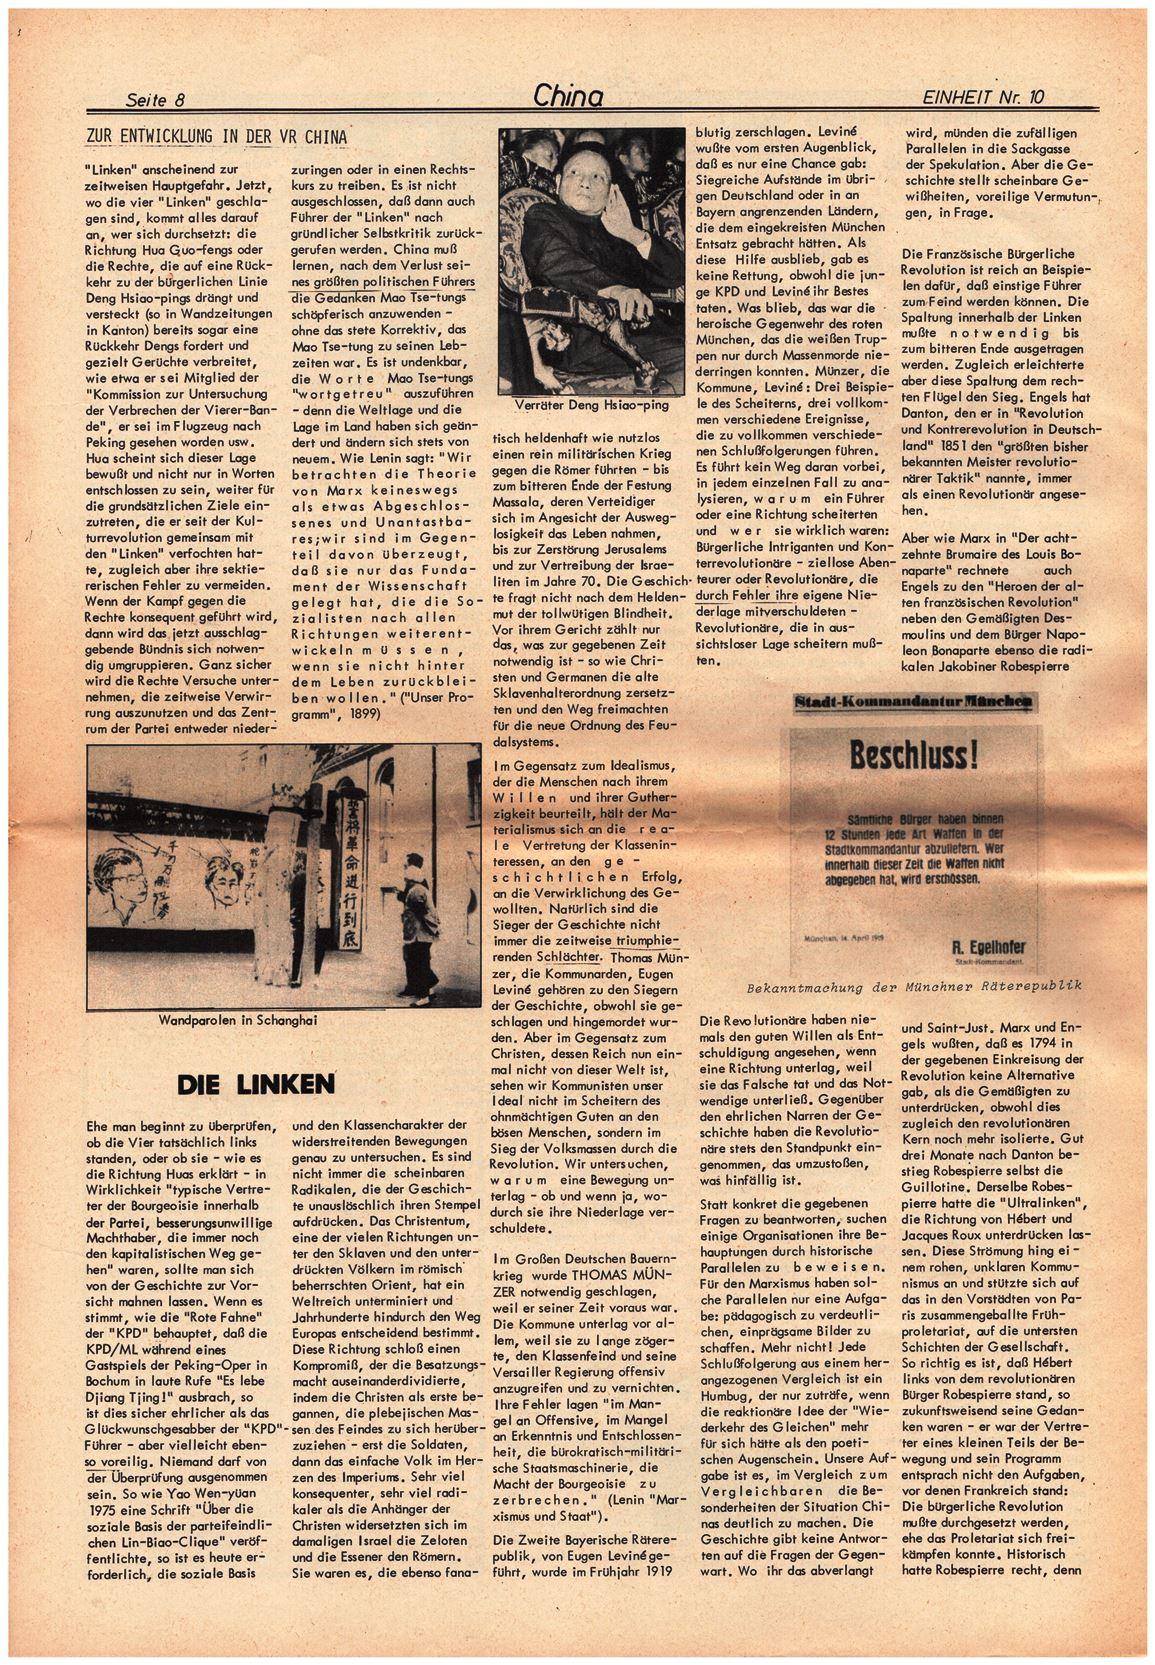 Koeln_IPdA_Einheit_1976_010_008